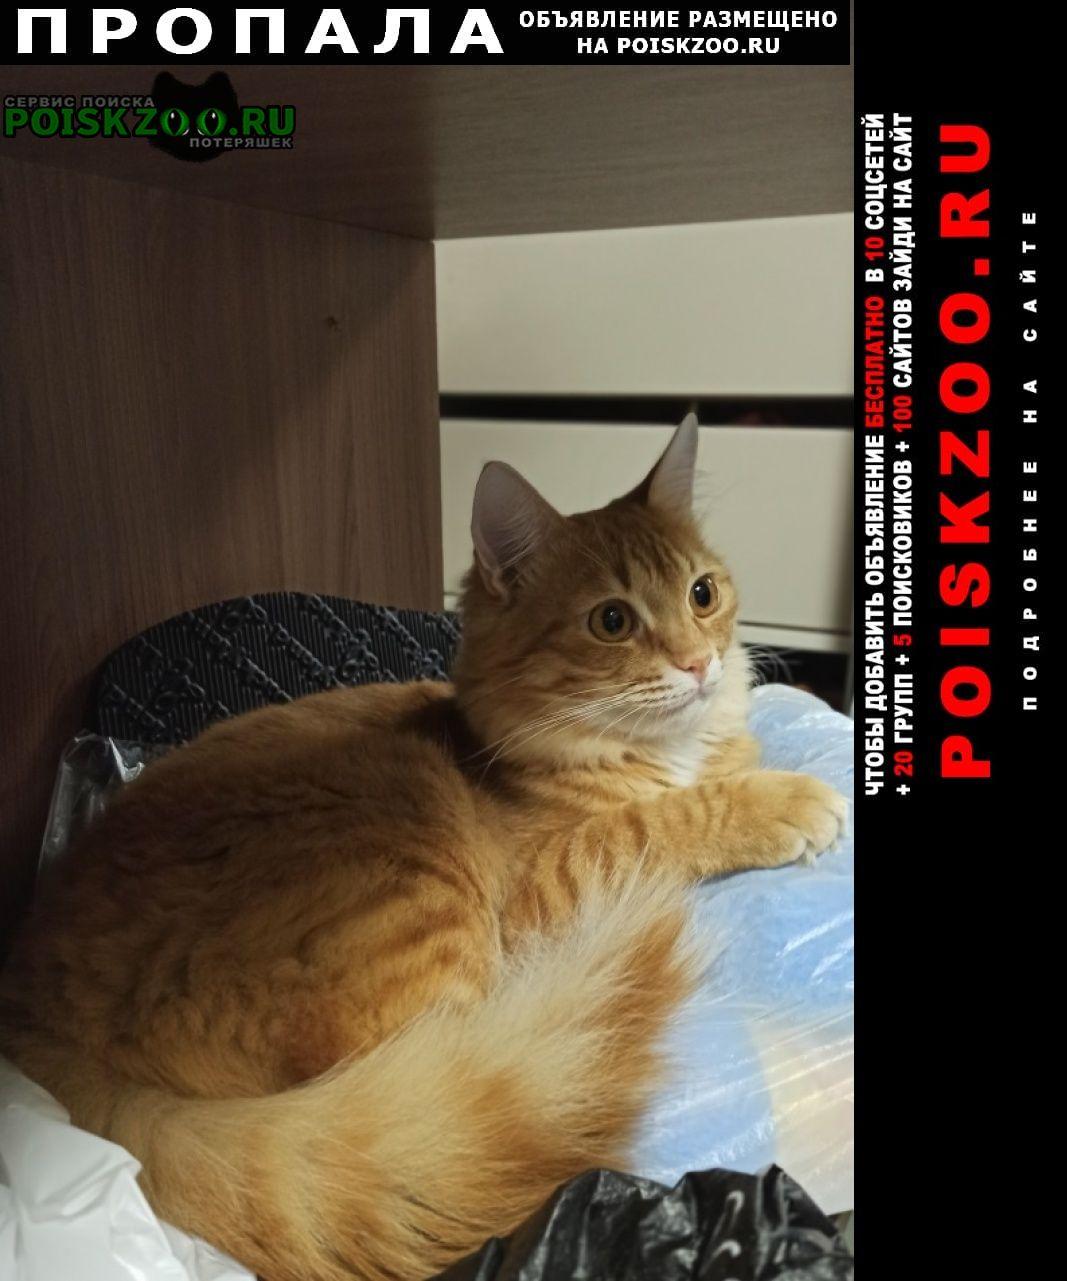 Пропала кошка очень просим вернуть ребёнок страдает Москва